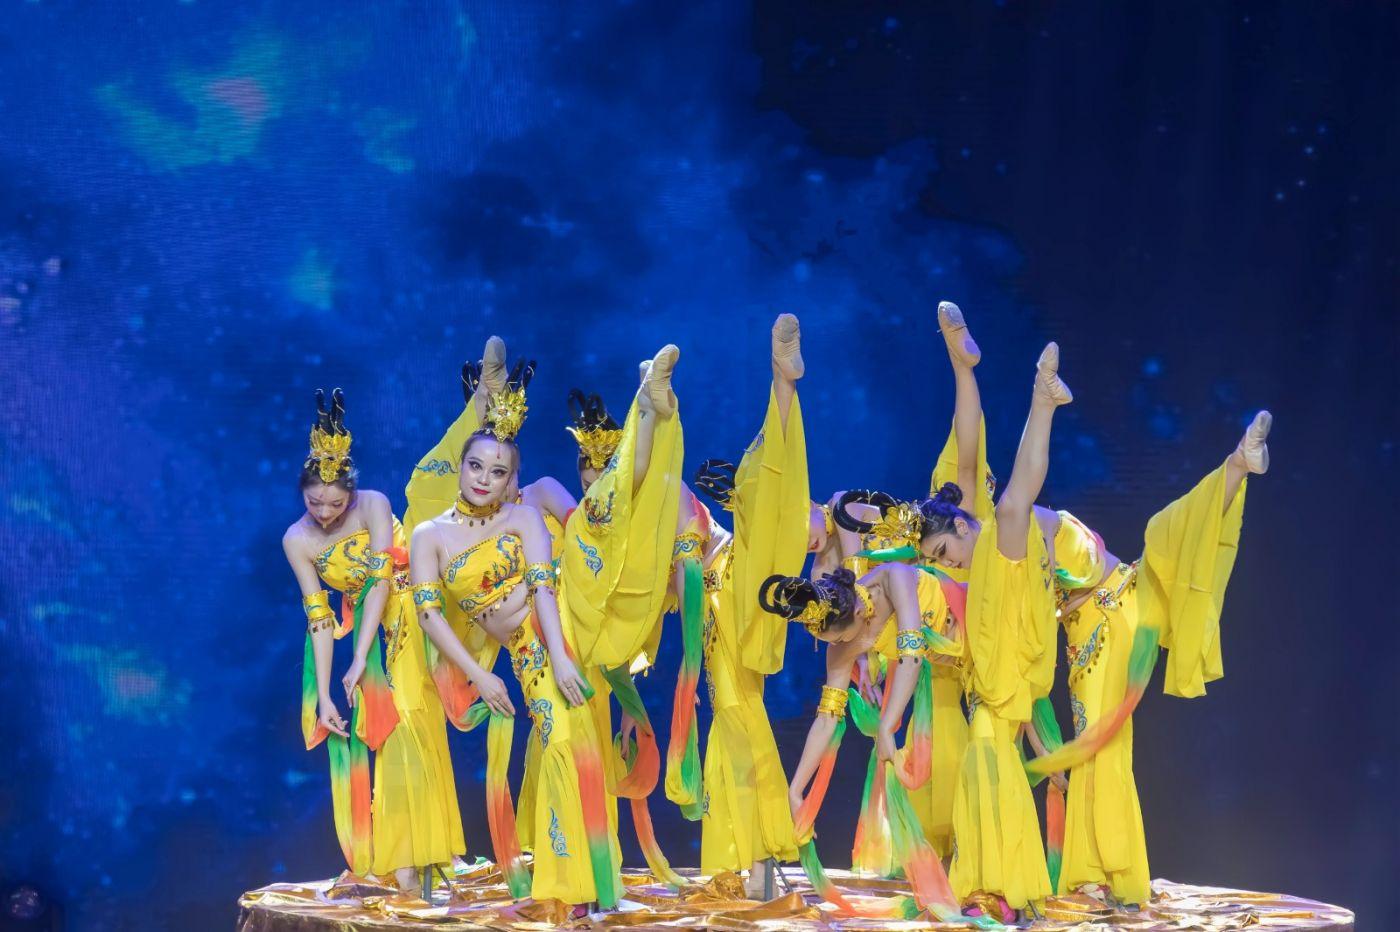 沂蒙大地上 有一种舞蹈叫飞天 这是几位临沂女孩的杰作 美轮美奂 ..._图1-30